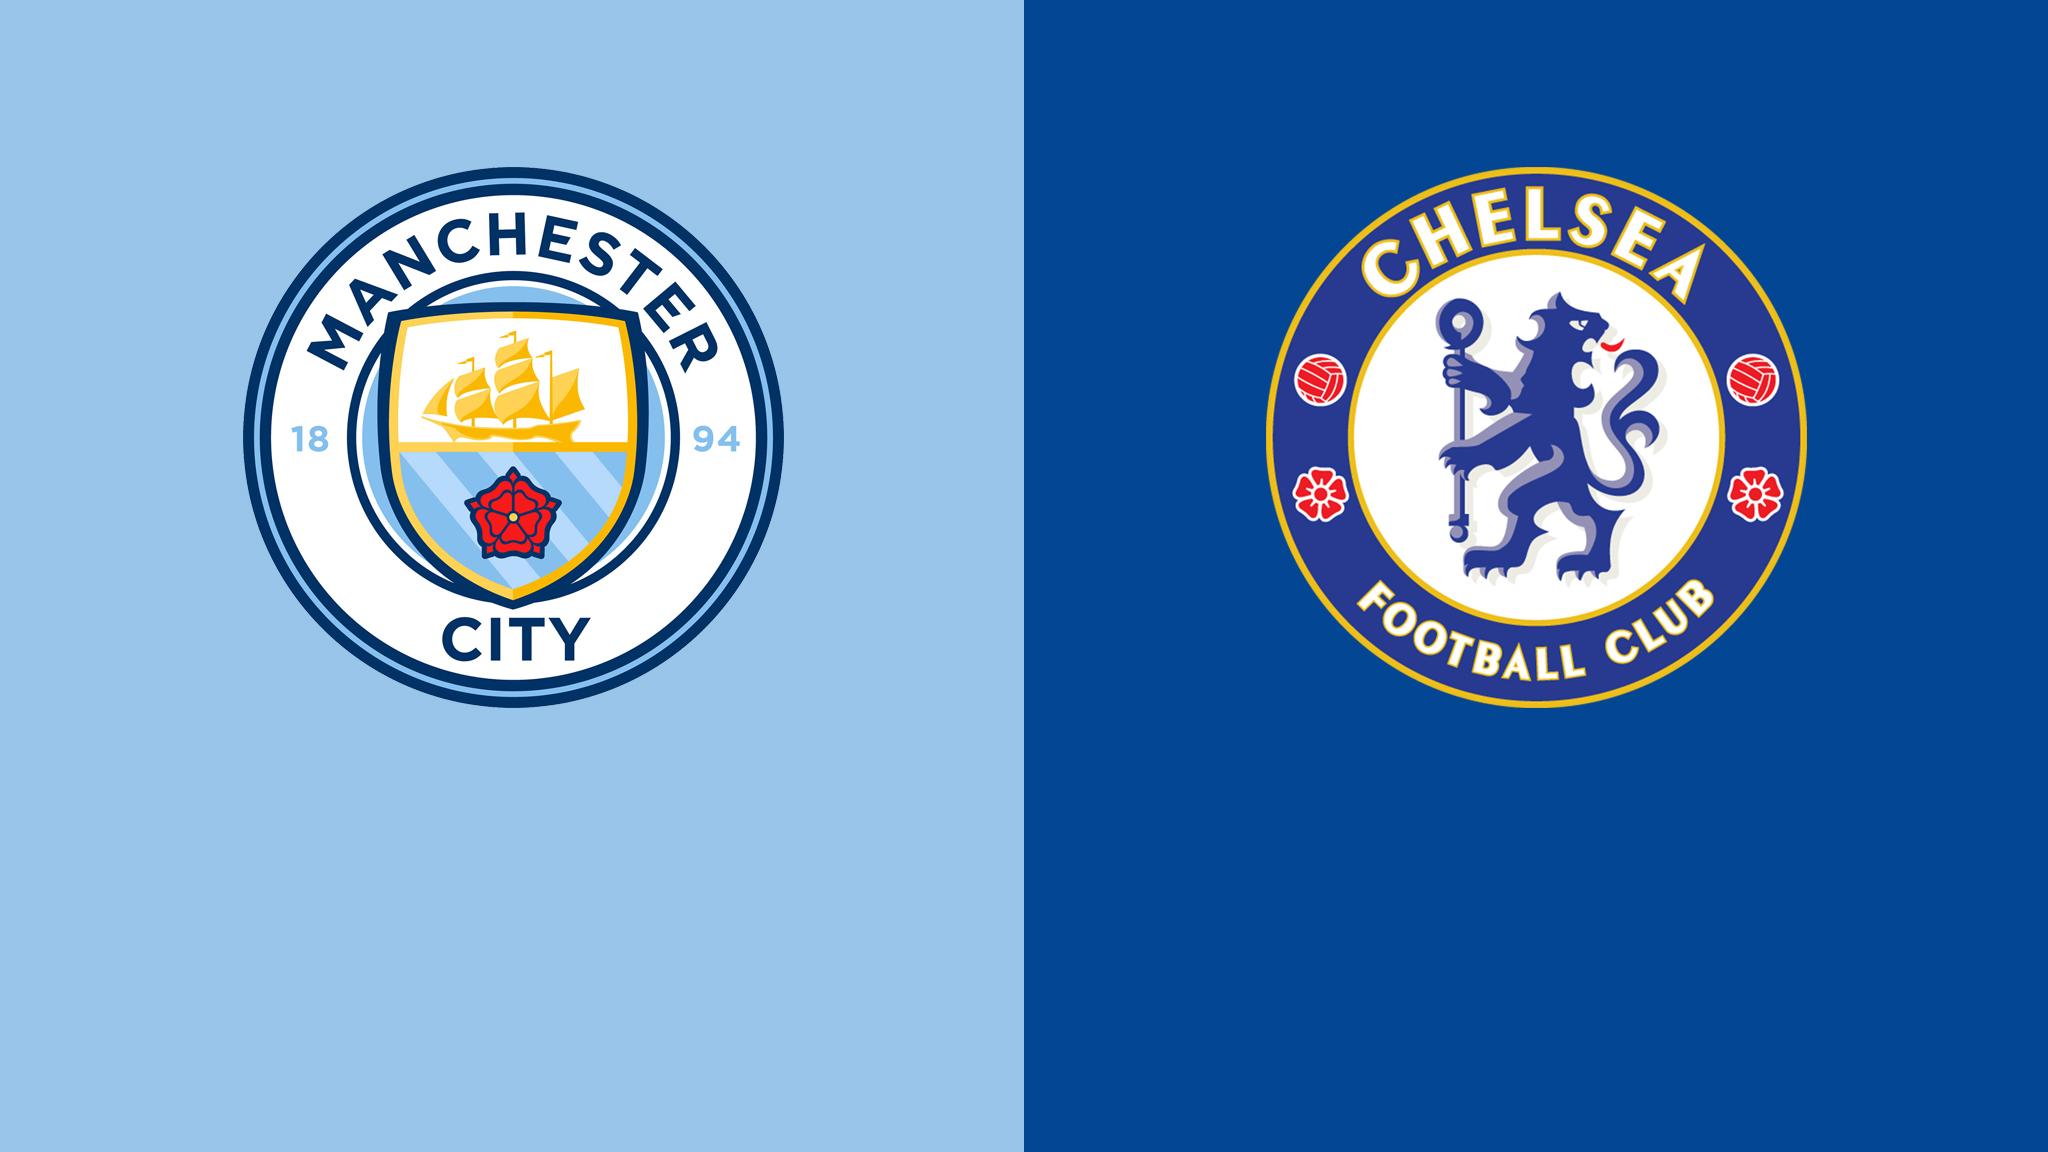 Man City vs Chelsea premier league